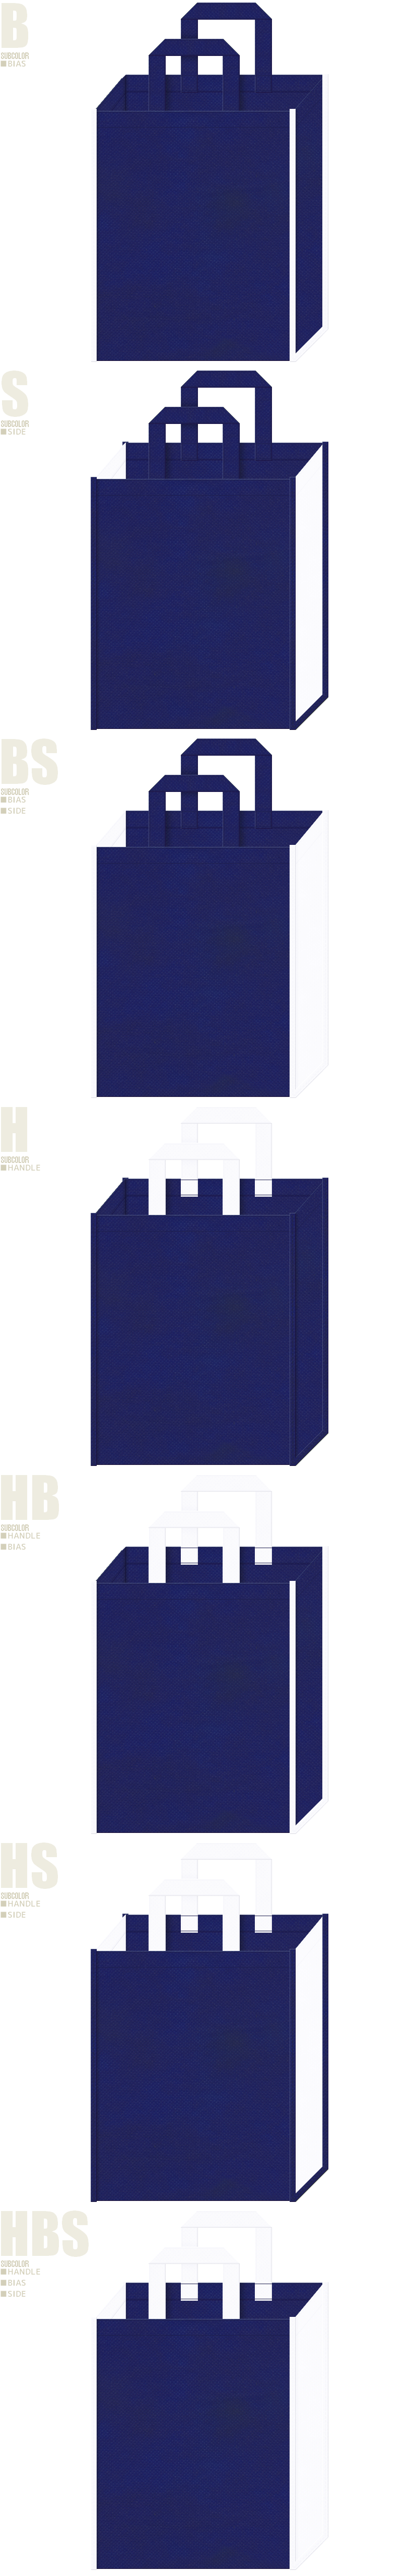 天体観測・プラネタリウム・野外コンサートのバッグノベルティにお奨めの、紺紫色と白色-7パターンの不織布トートバッグ配色デザイン例